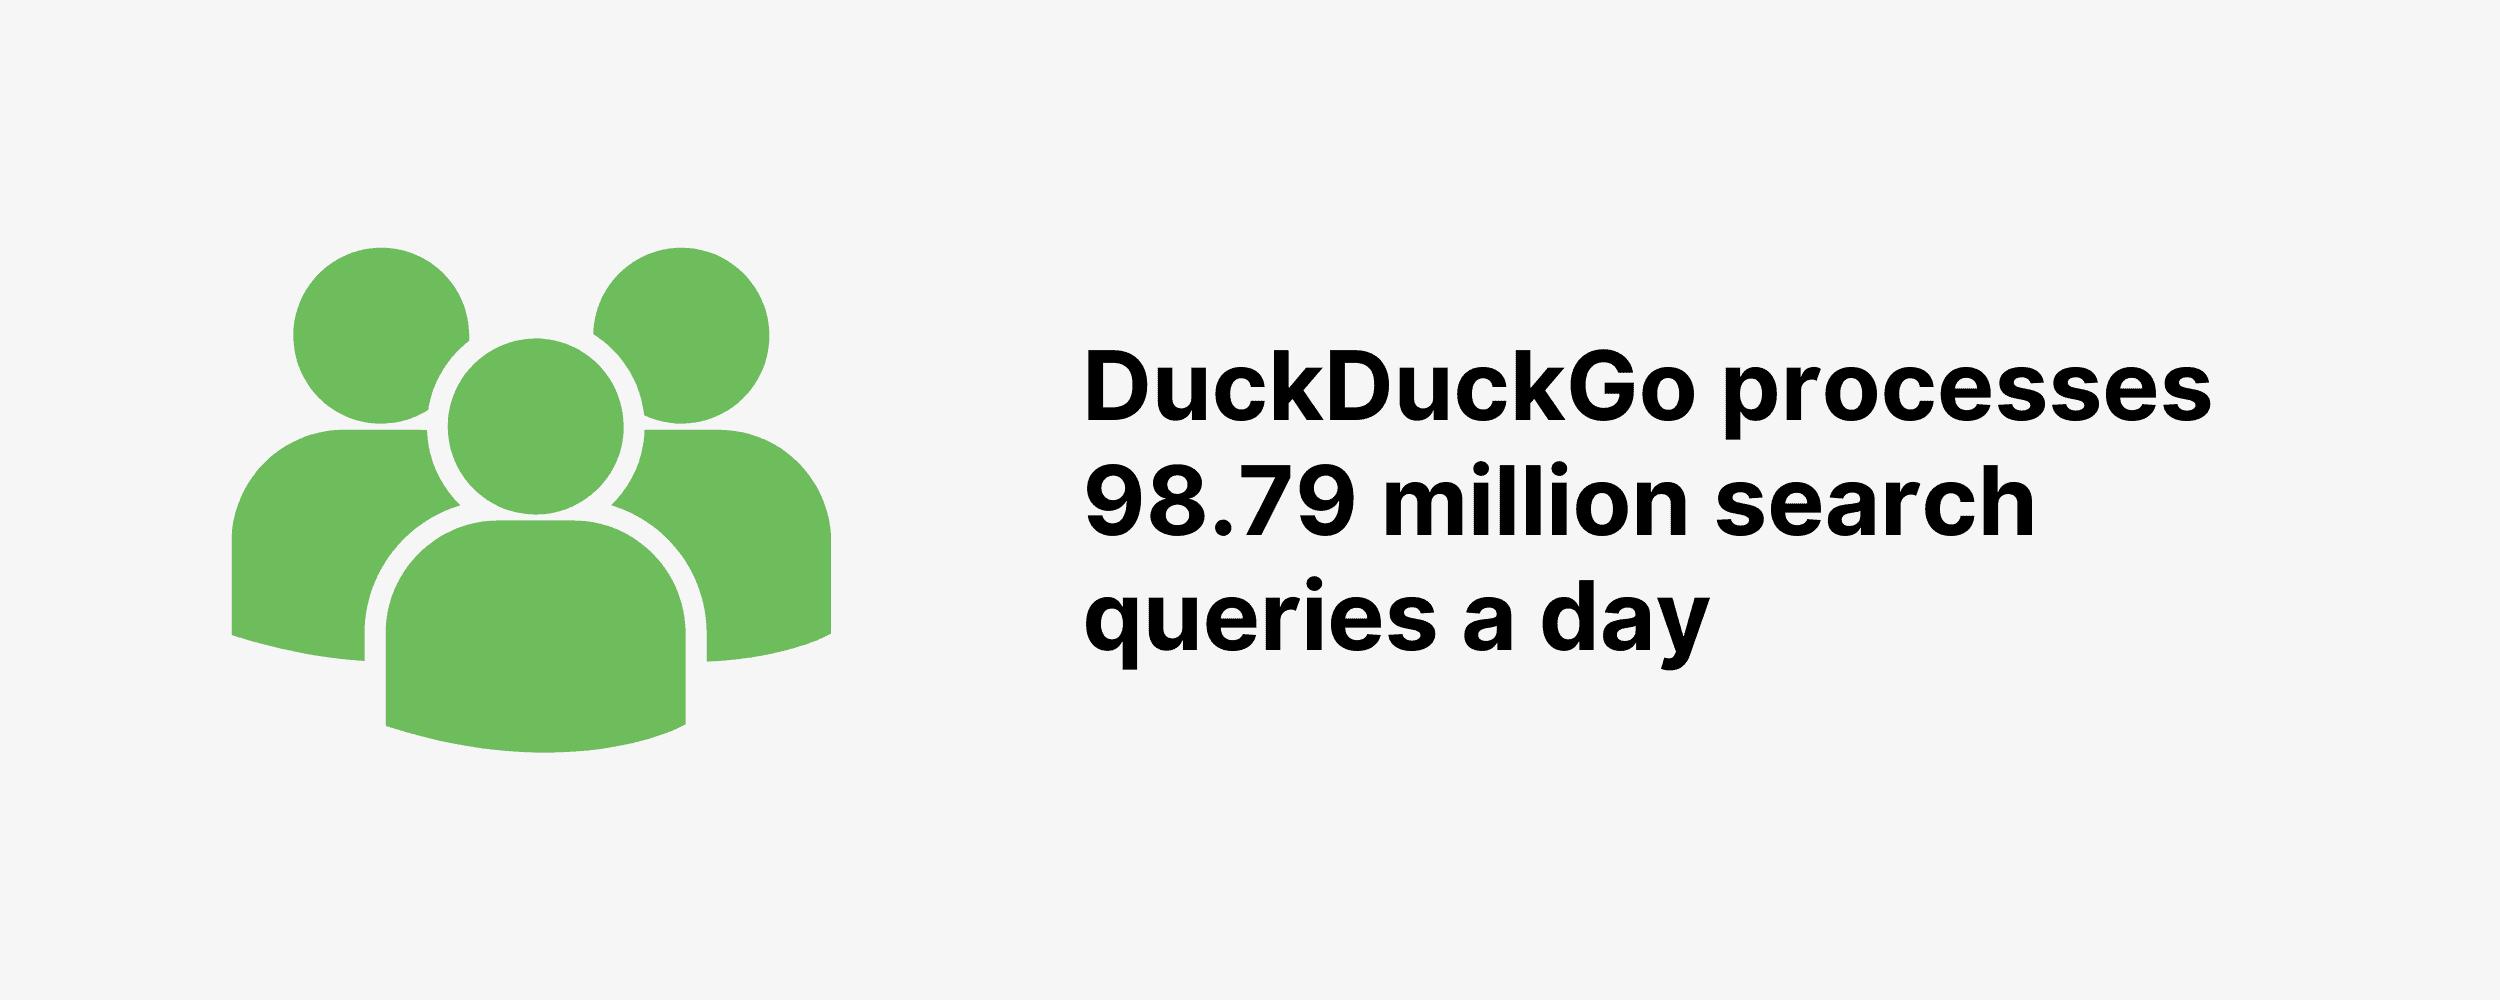 DuckDuckGo processes 98.79 million search queries a day